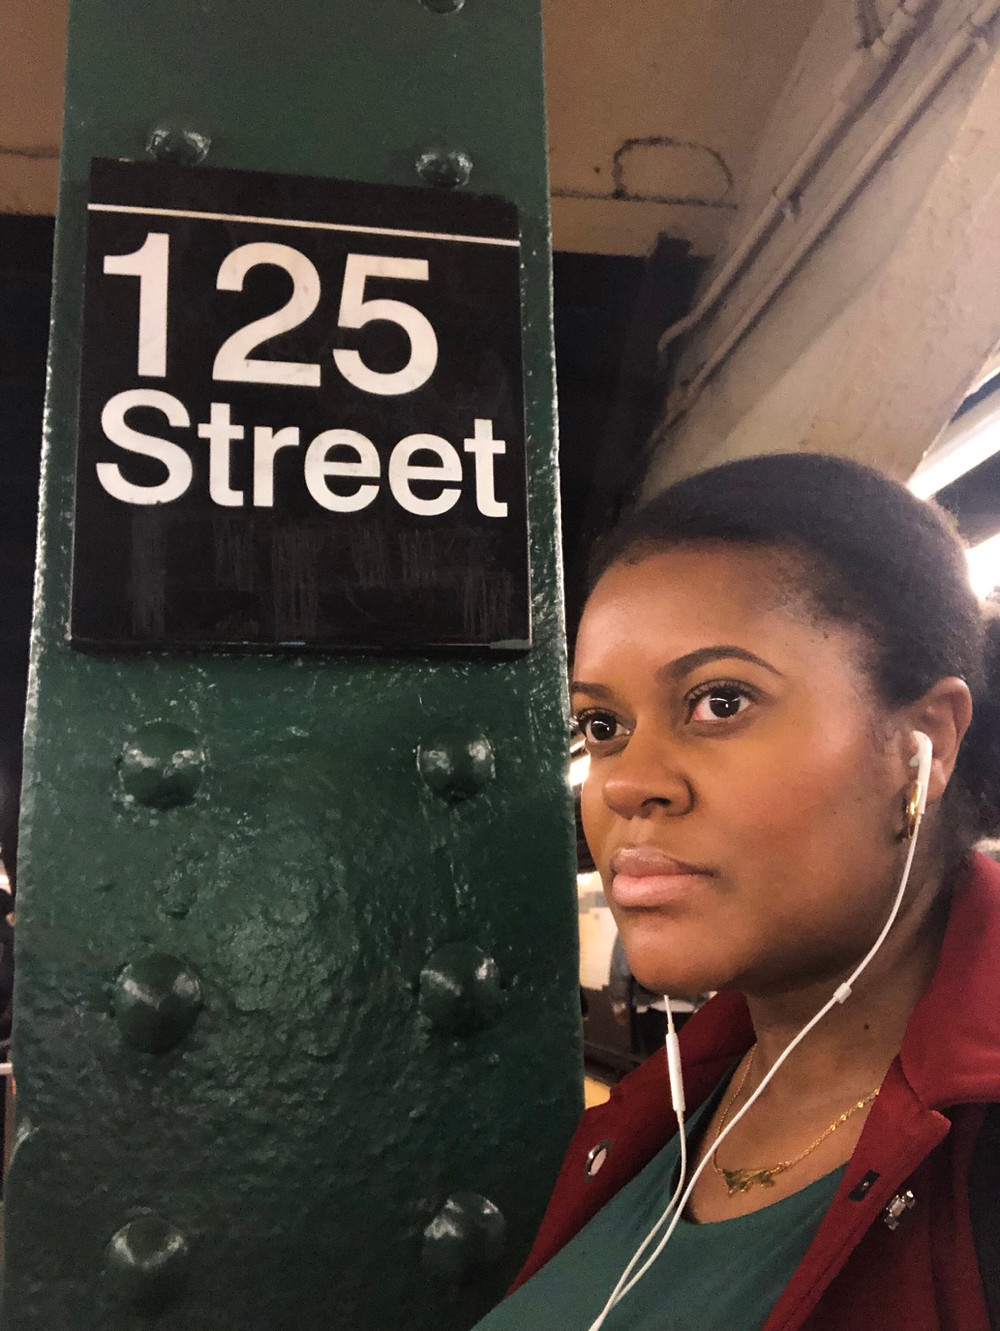 Waiting at my usual subway stop